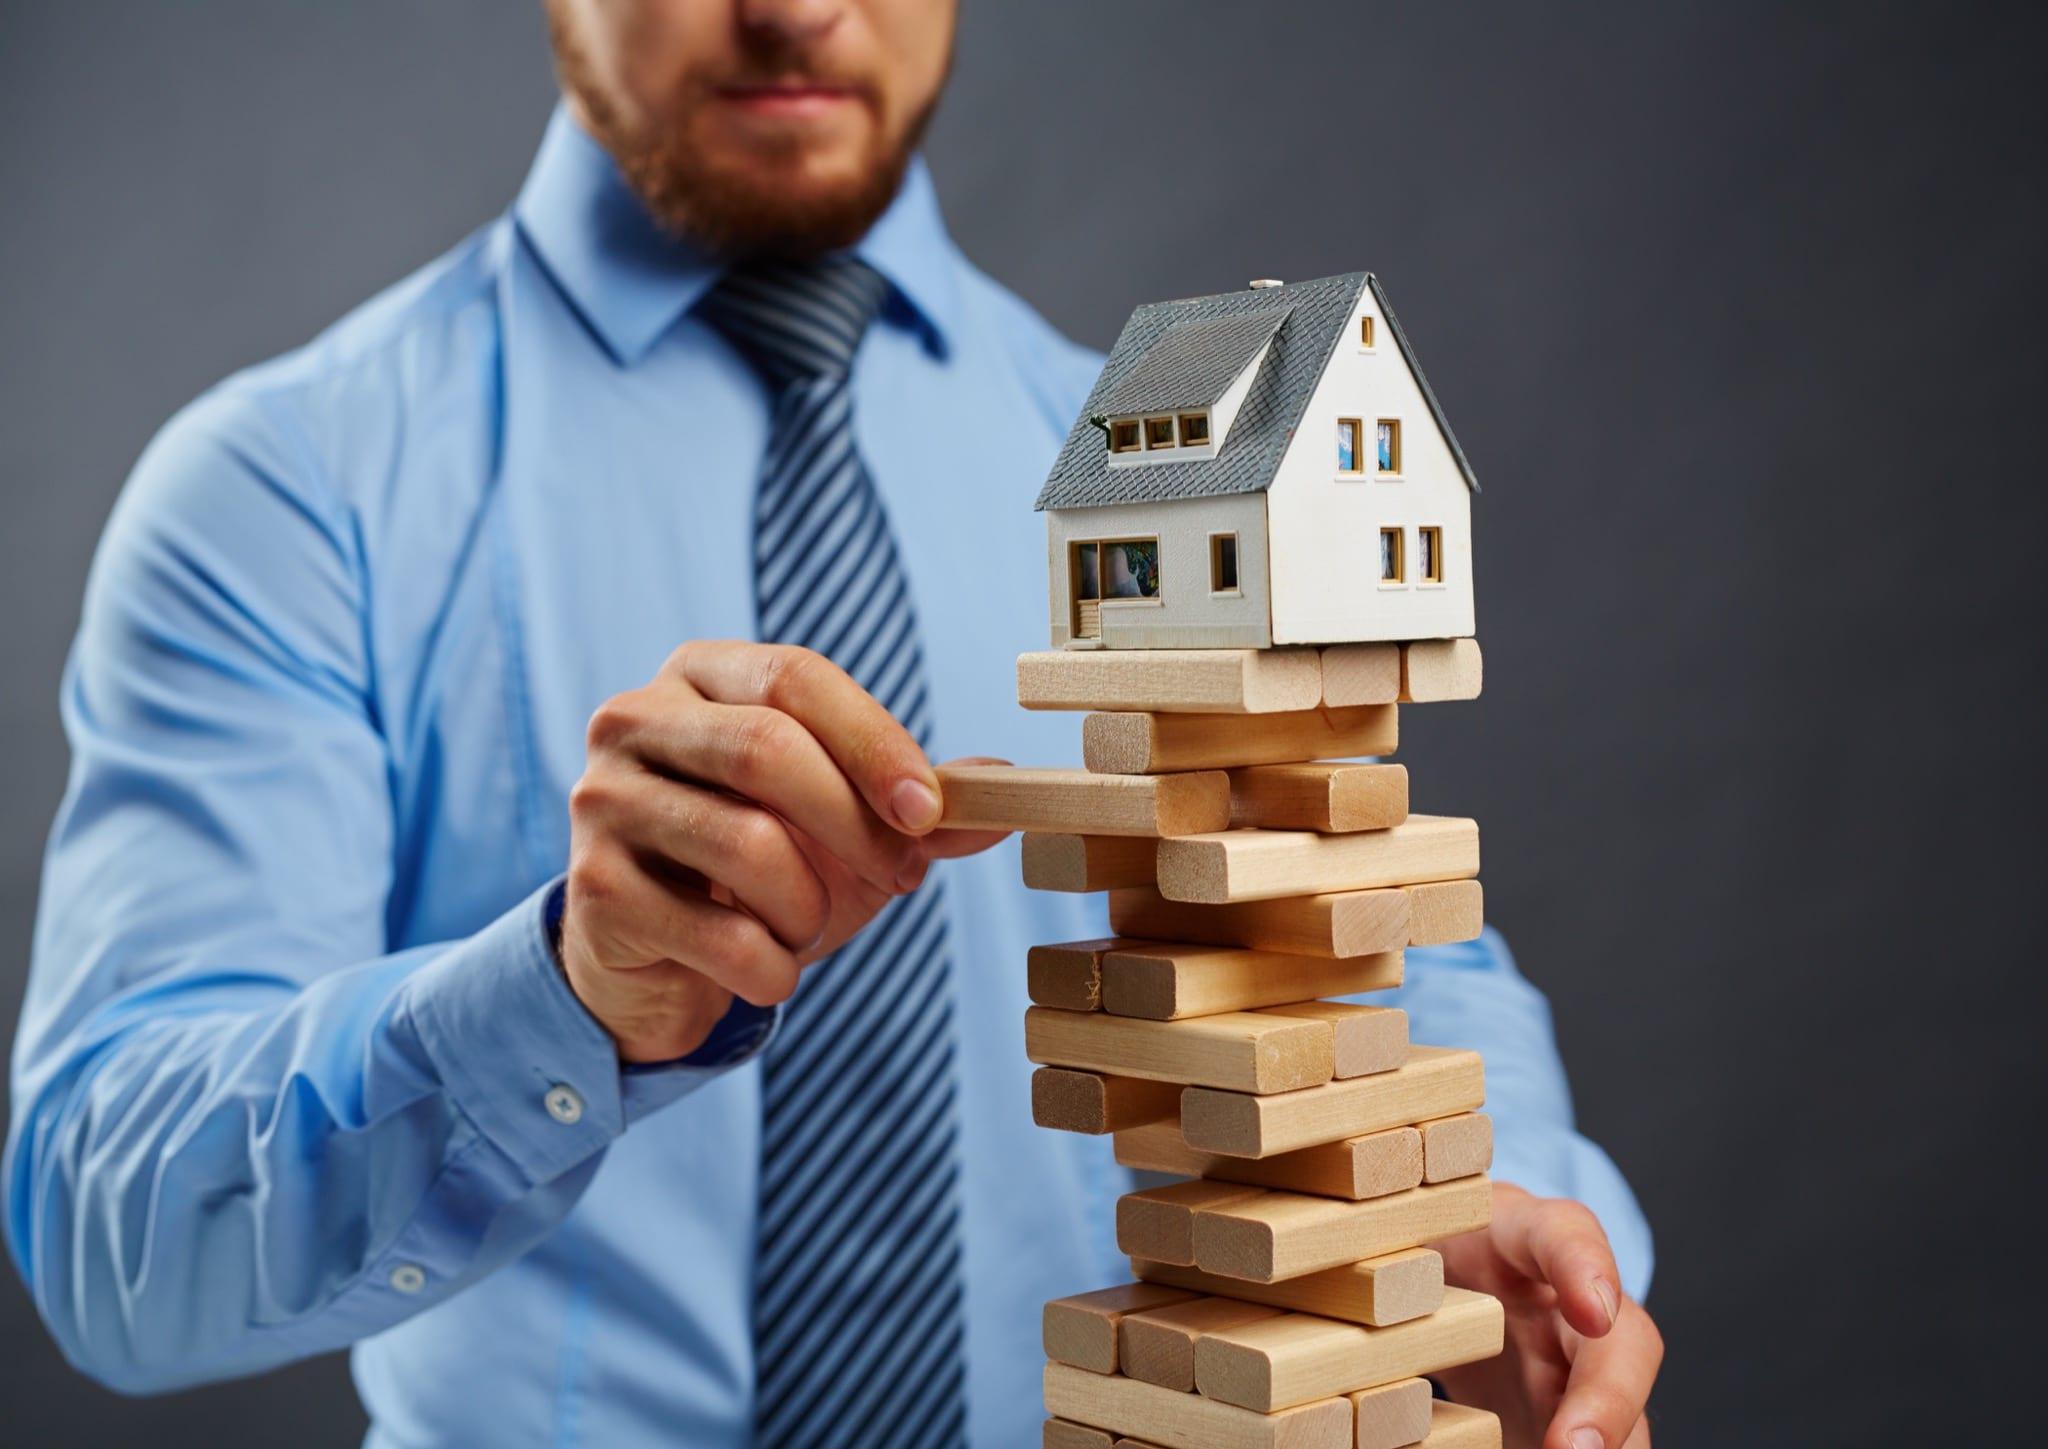 imobiliare 1 - Profilul investitorului în imobiliare și percepția lui asupra riscului